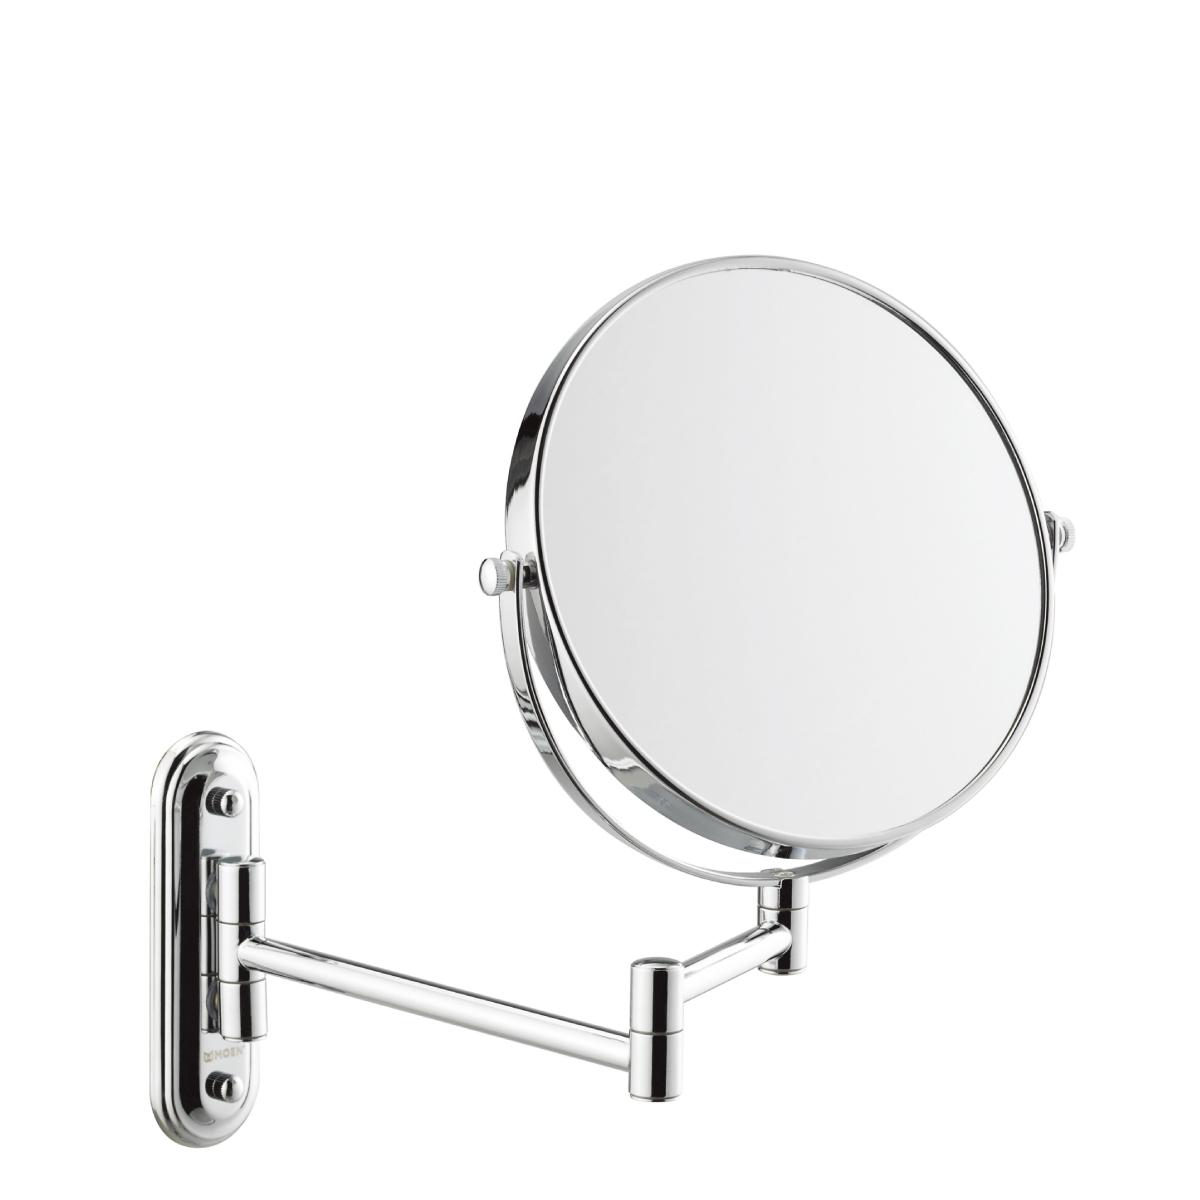 摩恩折叠镜.jpg